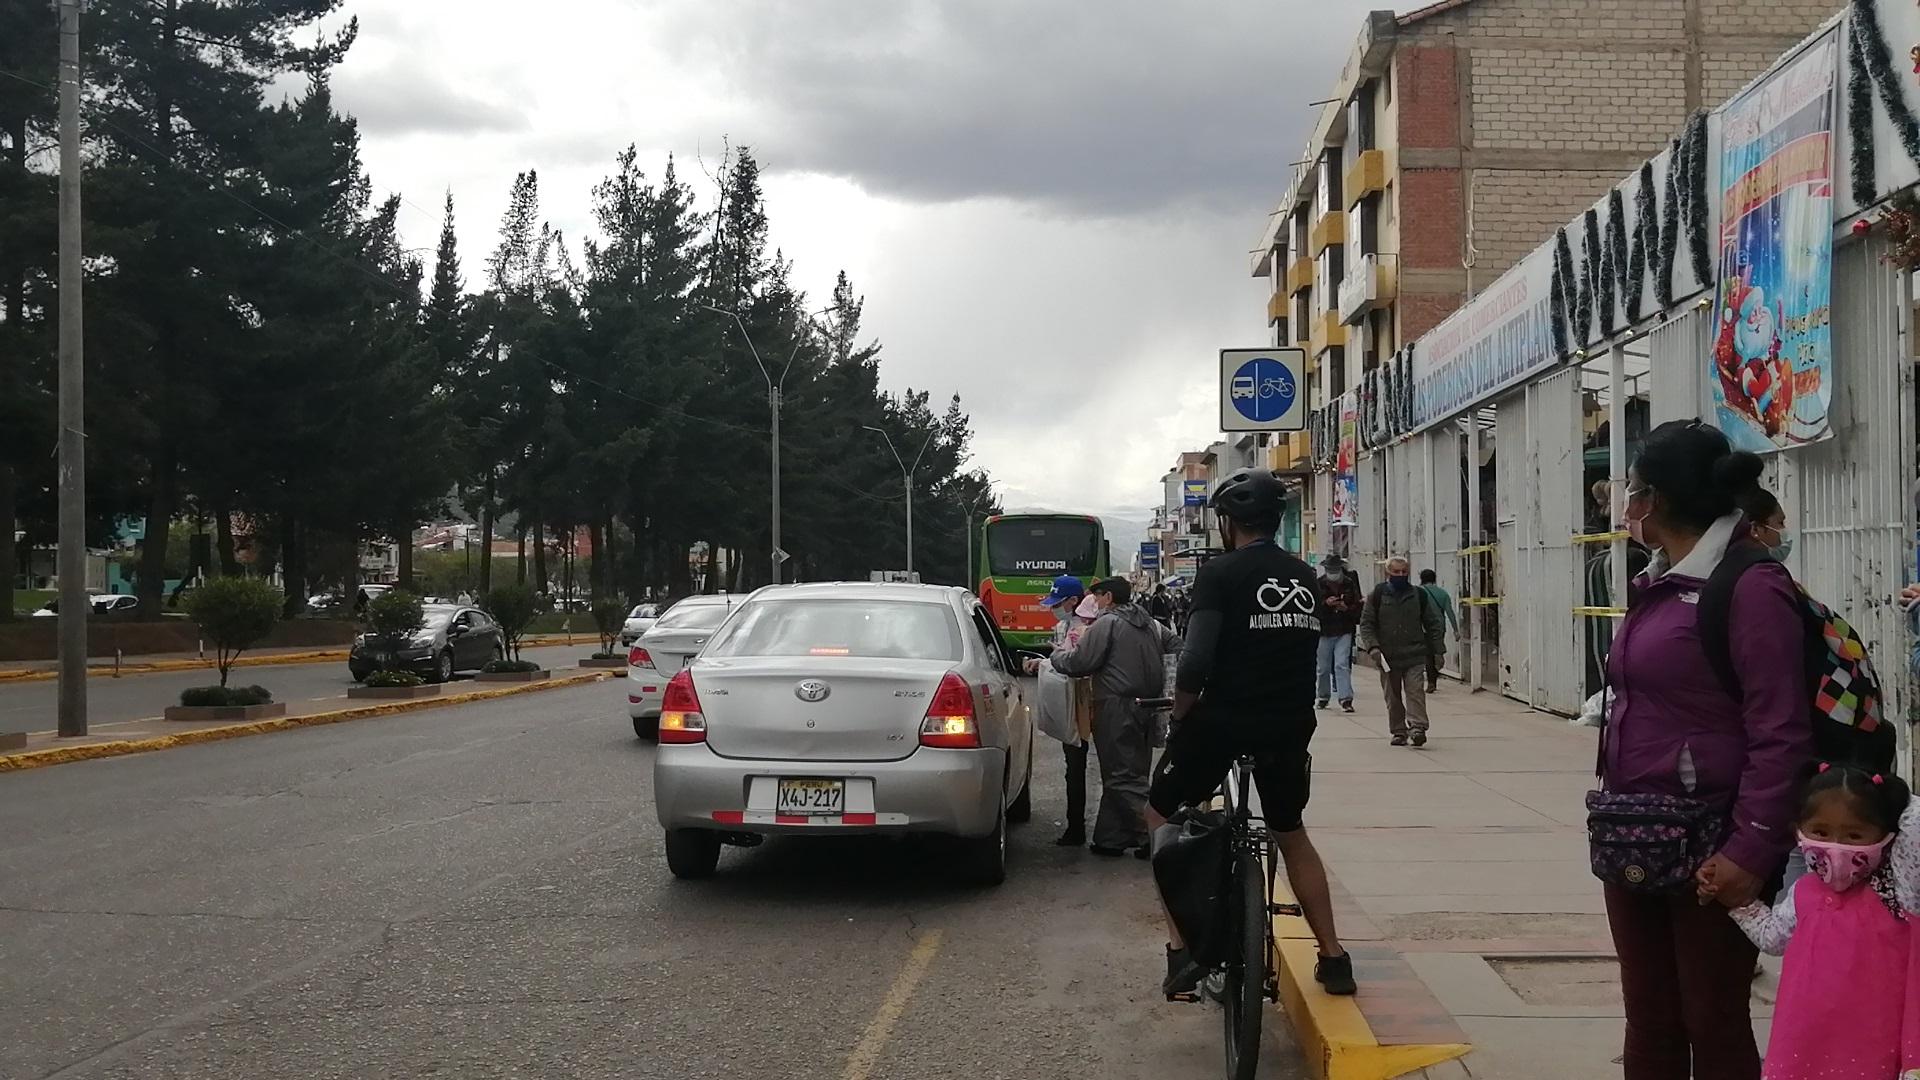 Ciclistas tienen que pausar su recorrido por invasión de taxis en la ciclovía de la Av. La Cultura, Cusco.